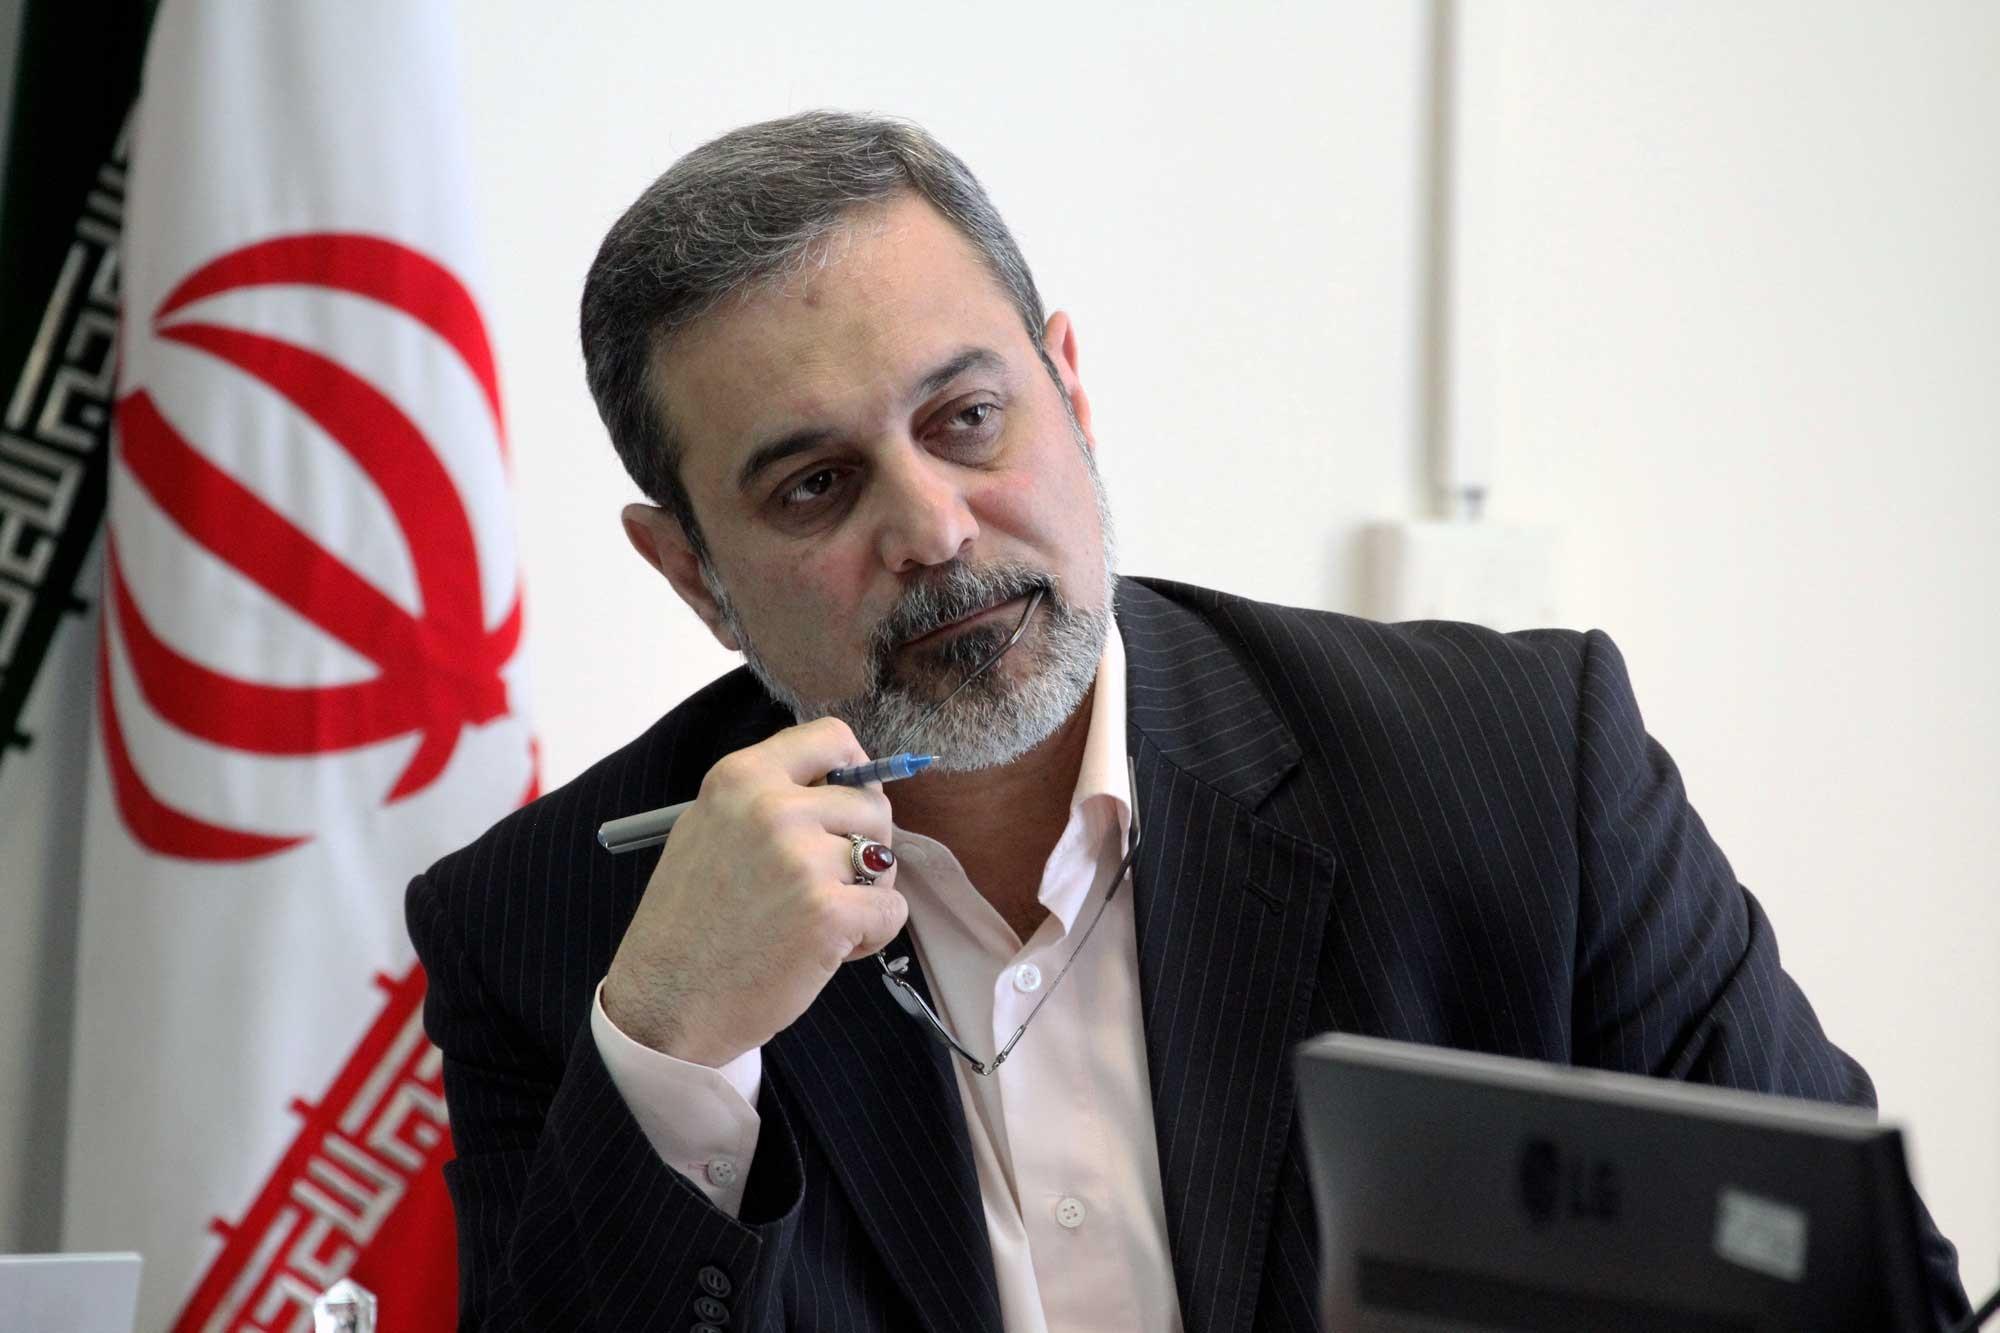 بطحایی گزینه وزارتآموزشوپرورش؛ دست راست فانی بود/ چالشهای وزارت بر فرهنگیان